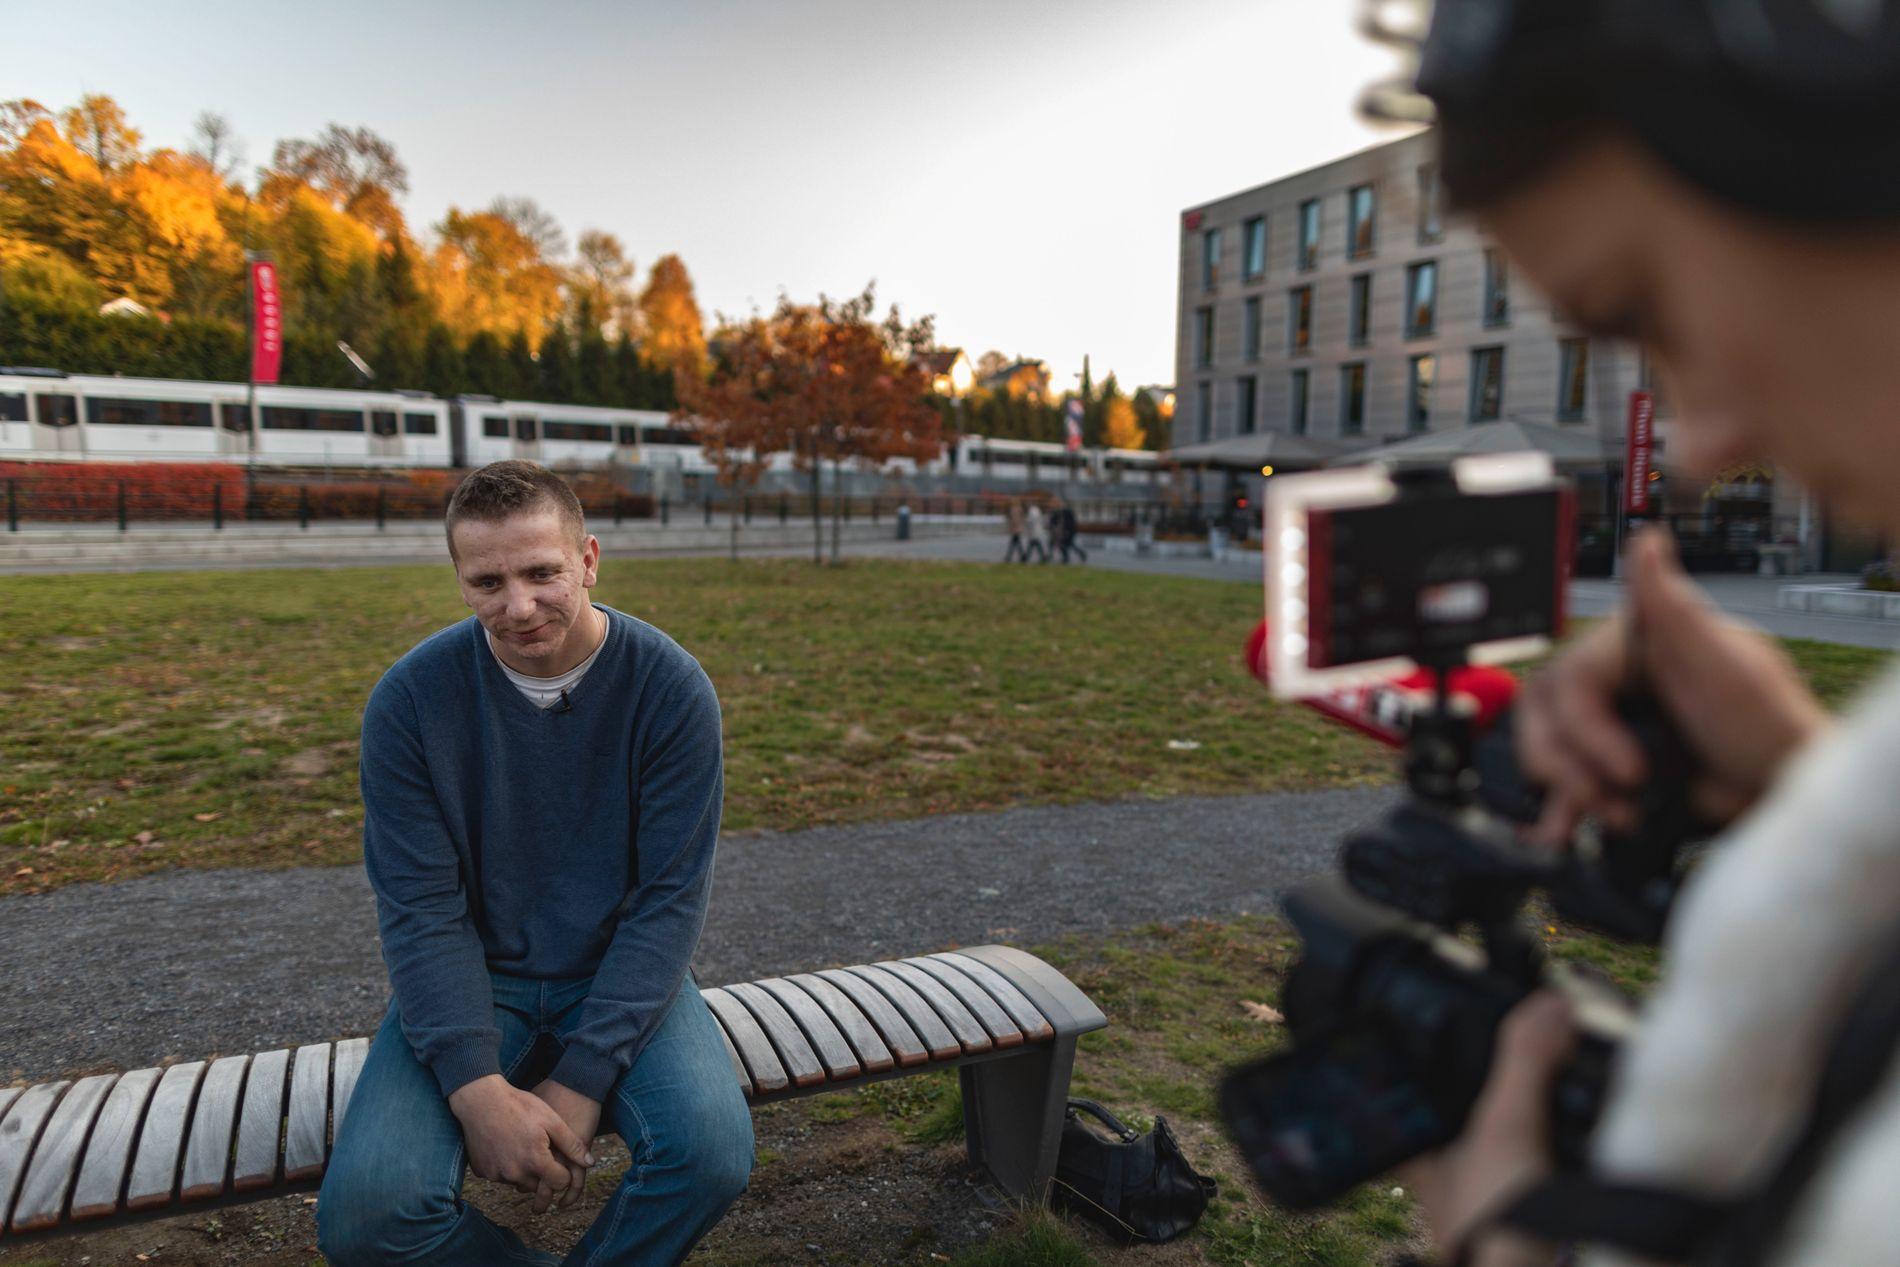 INTERVJUET: Etter at VG publiserte saken om Magnus og brødrene på lørdag har det vært masse oppmerksomhet rundt 25-åringen. Her blir han intervjuet av VGTV noen timer før han skal på Debatten i NRK1.